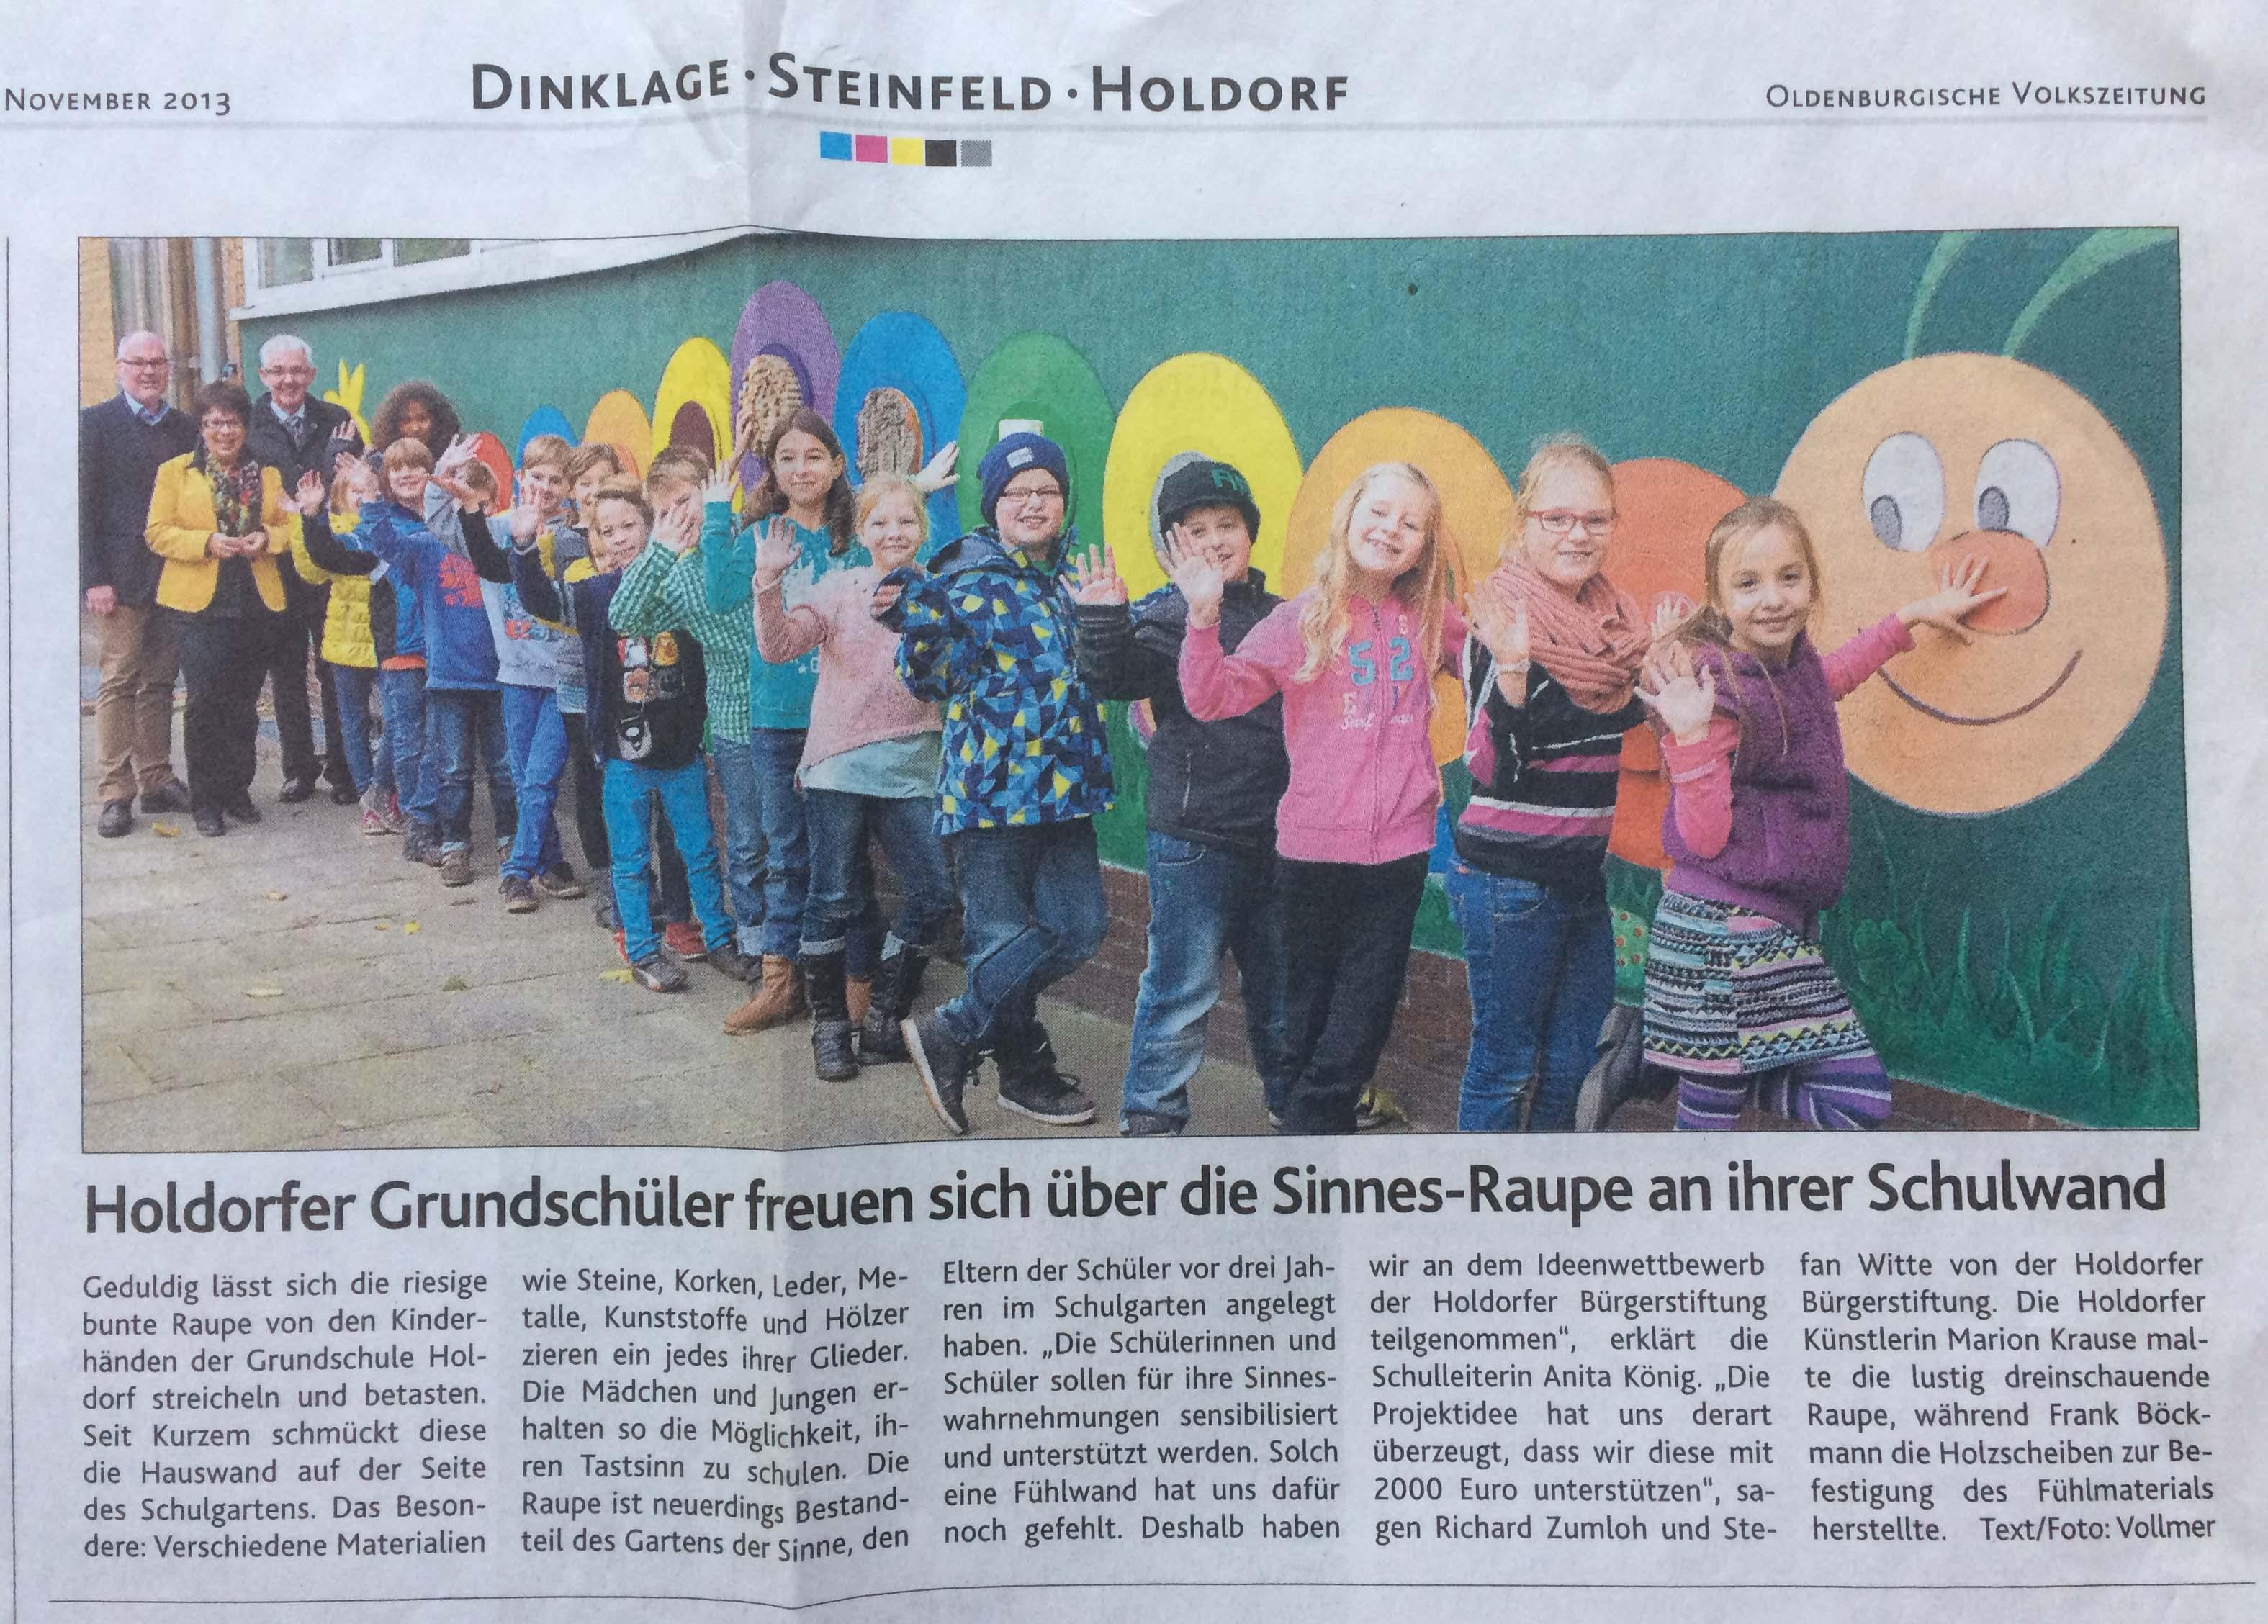 Grundschule Holdorf